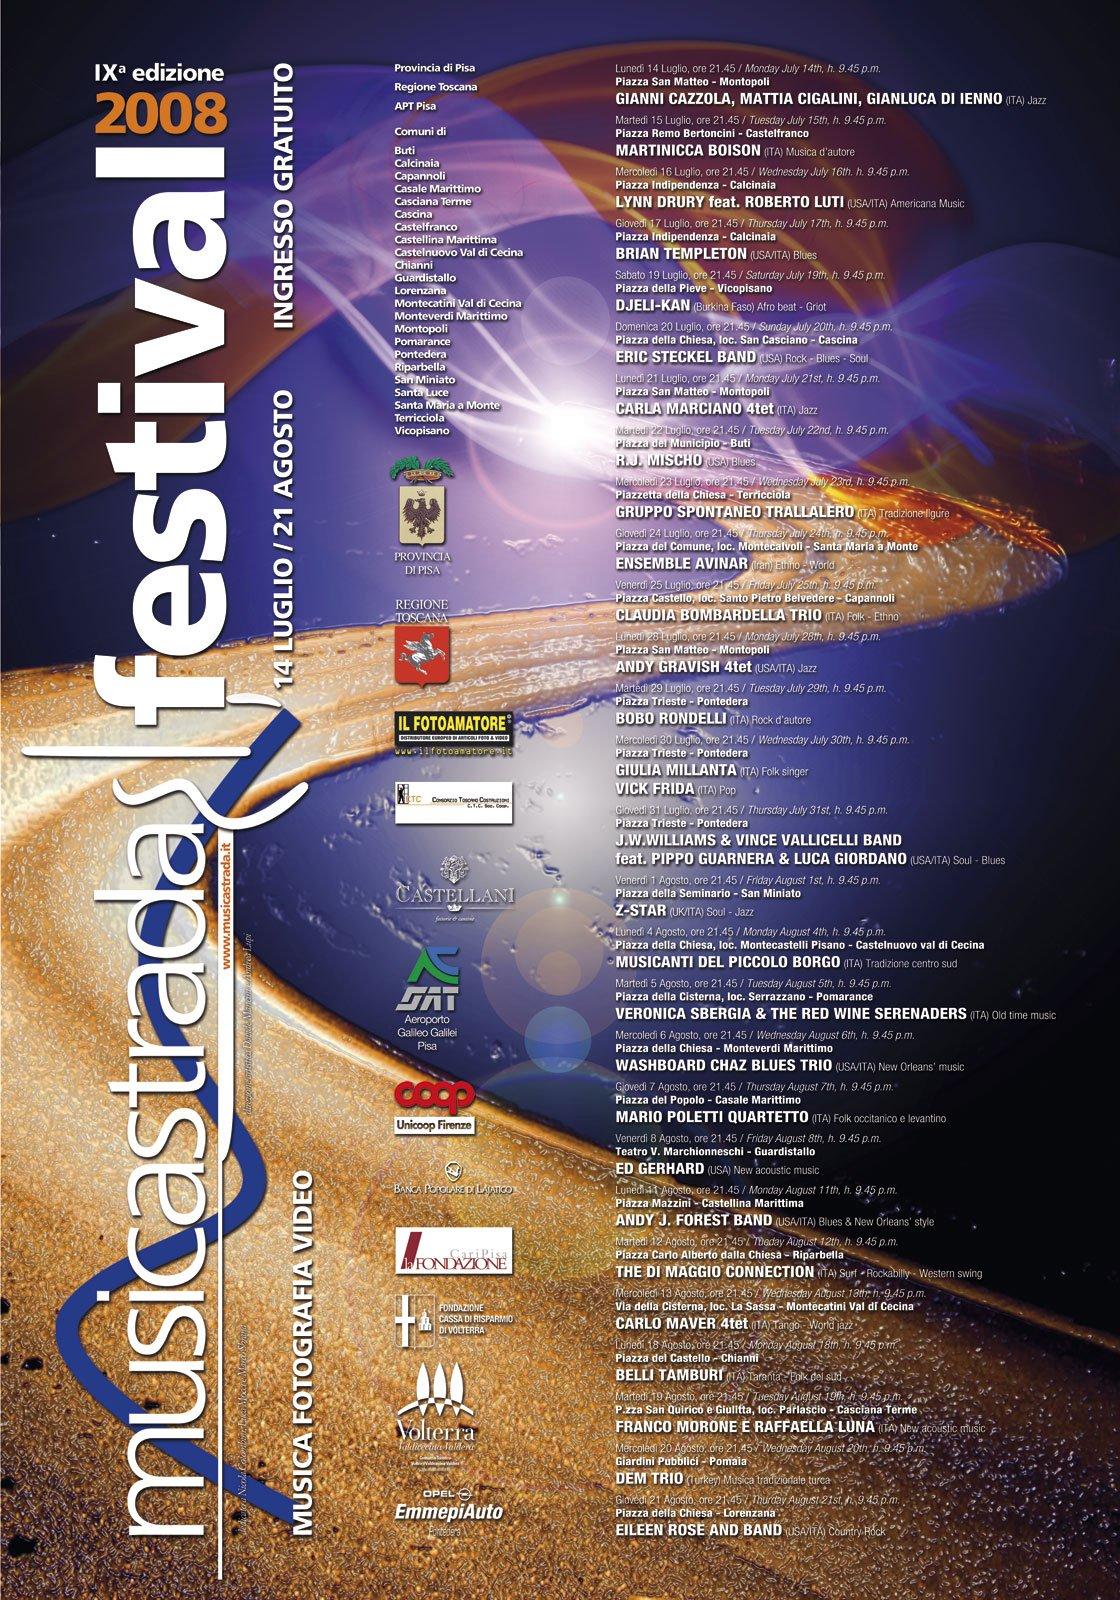 Musicastrda Festival Edizione edizione 2008